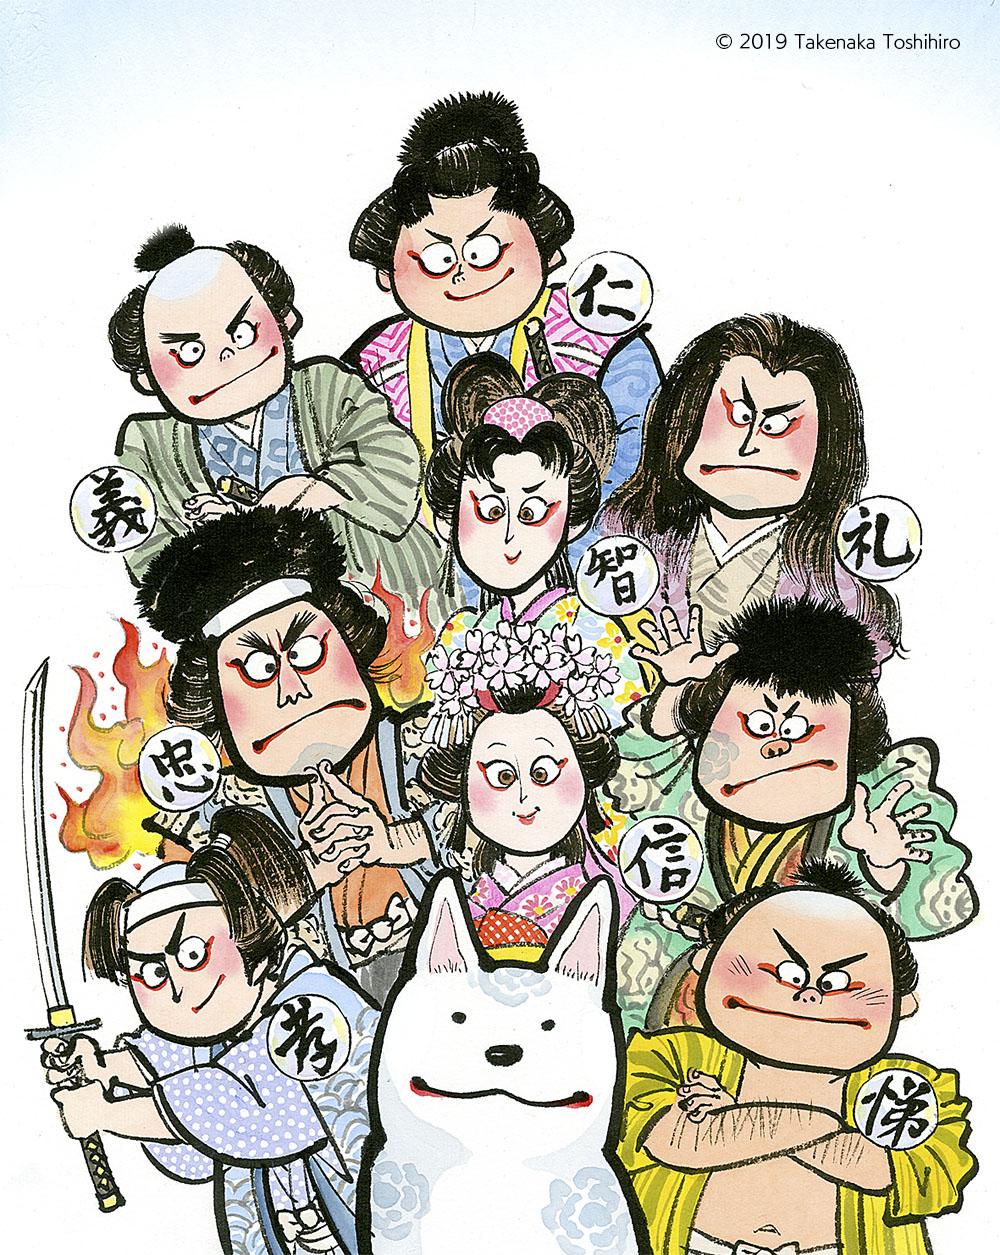 南総里見八犬伝の伏姫と八房、八犬士たちを墨絵で描きました。坂本九司会、辻村ジュサブローの新・八犬伝が懐かしい